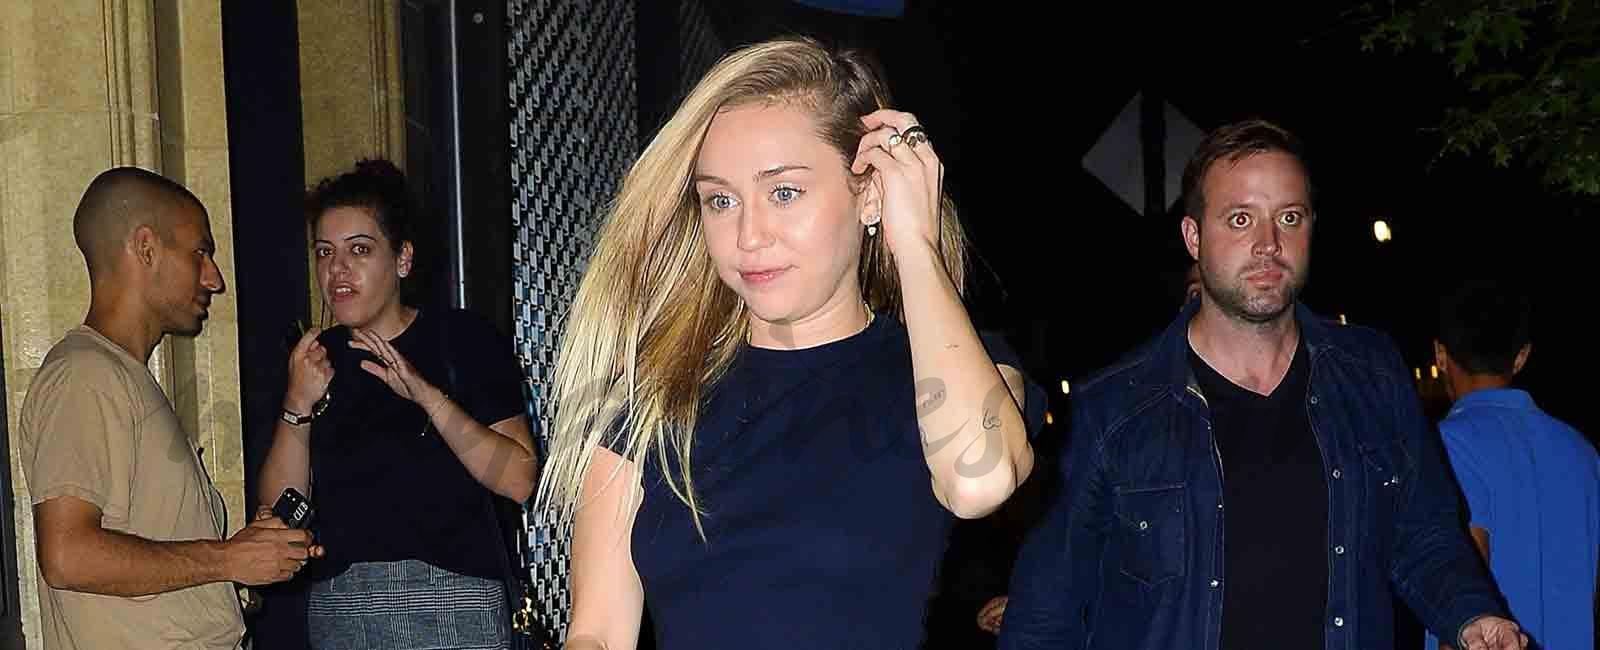 La nueva Miley Cyrus